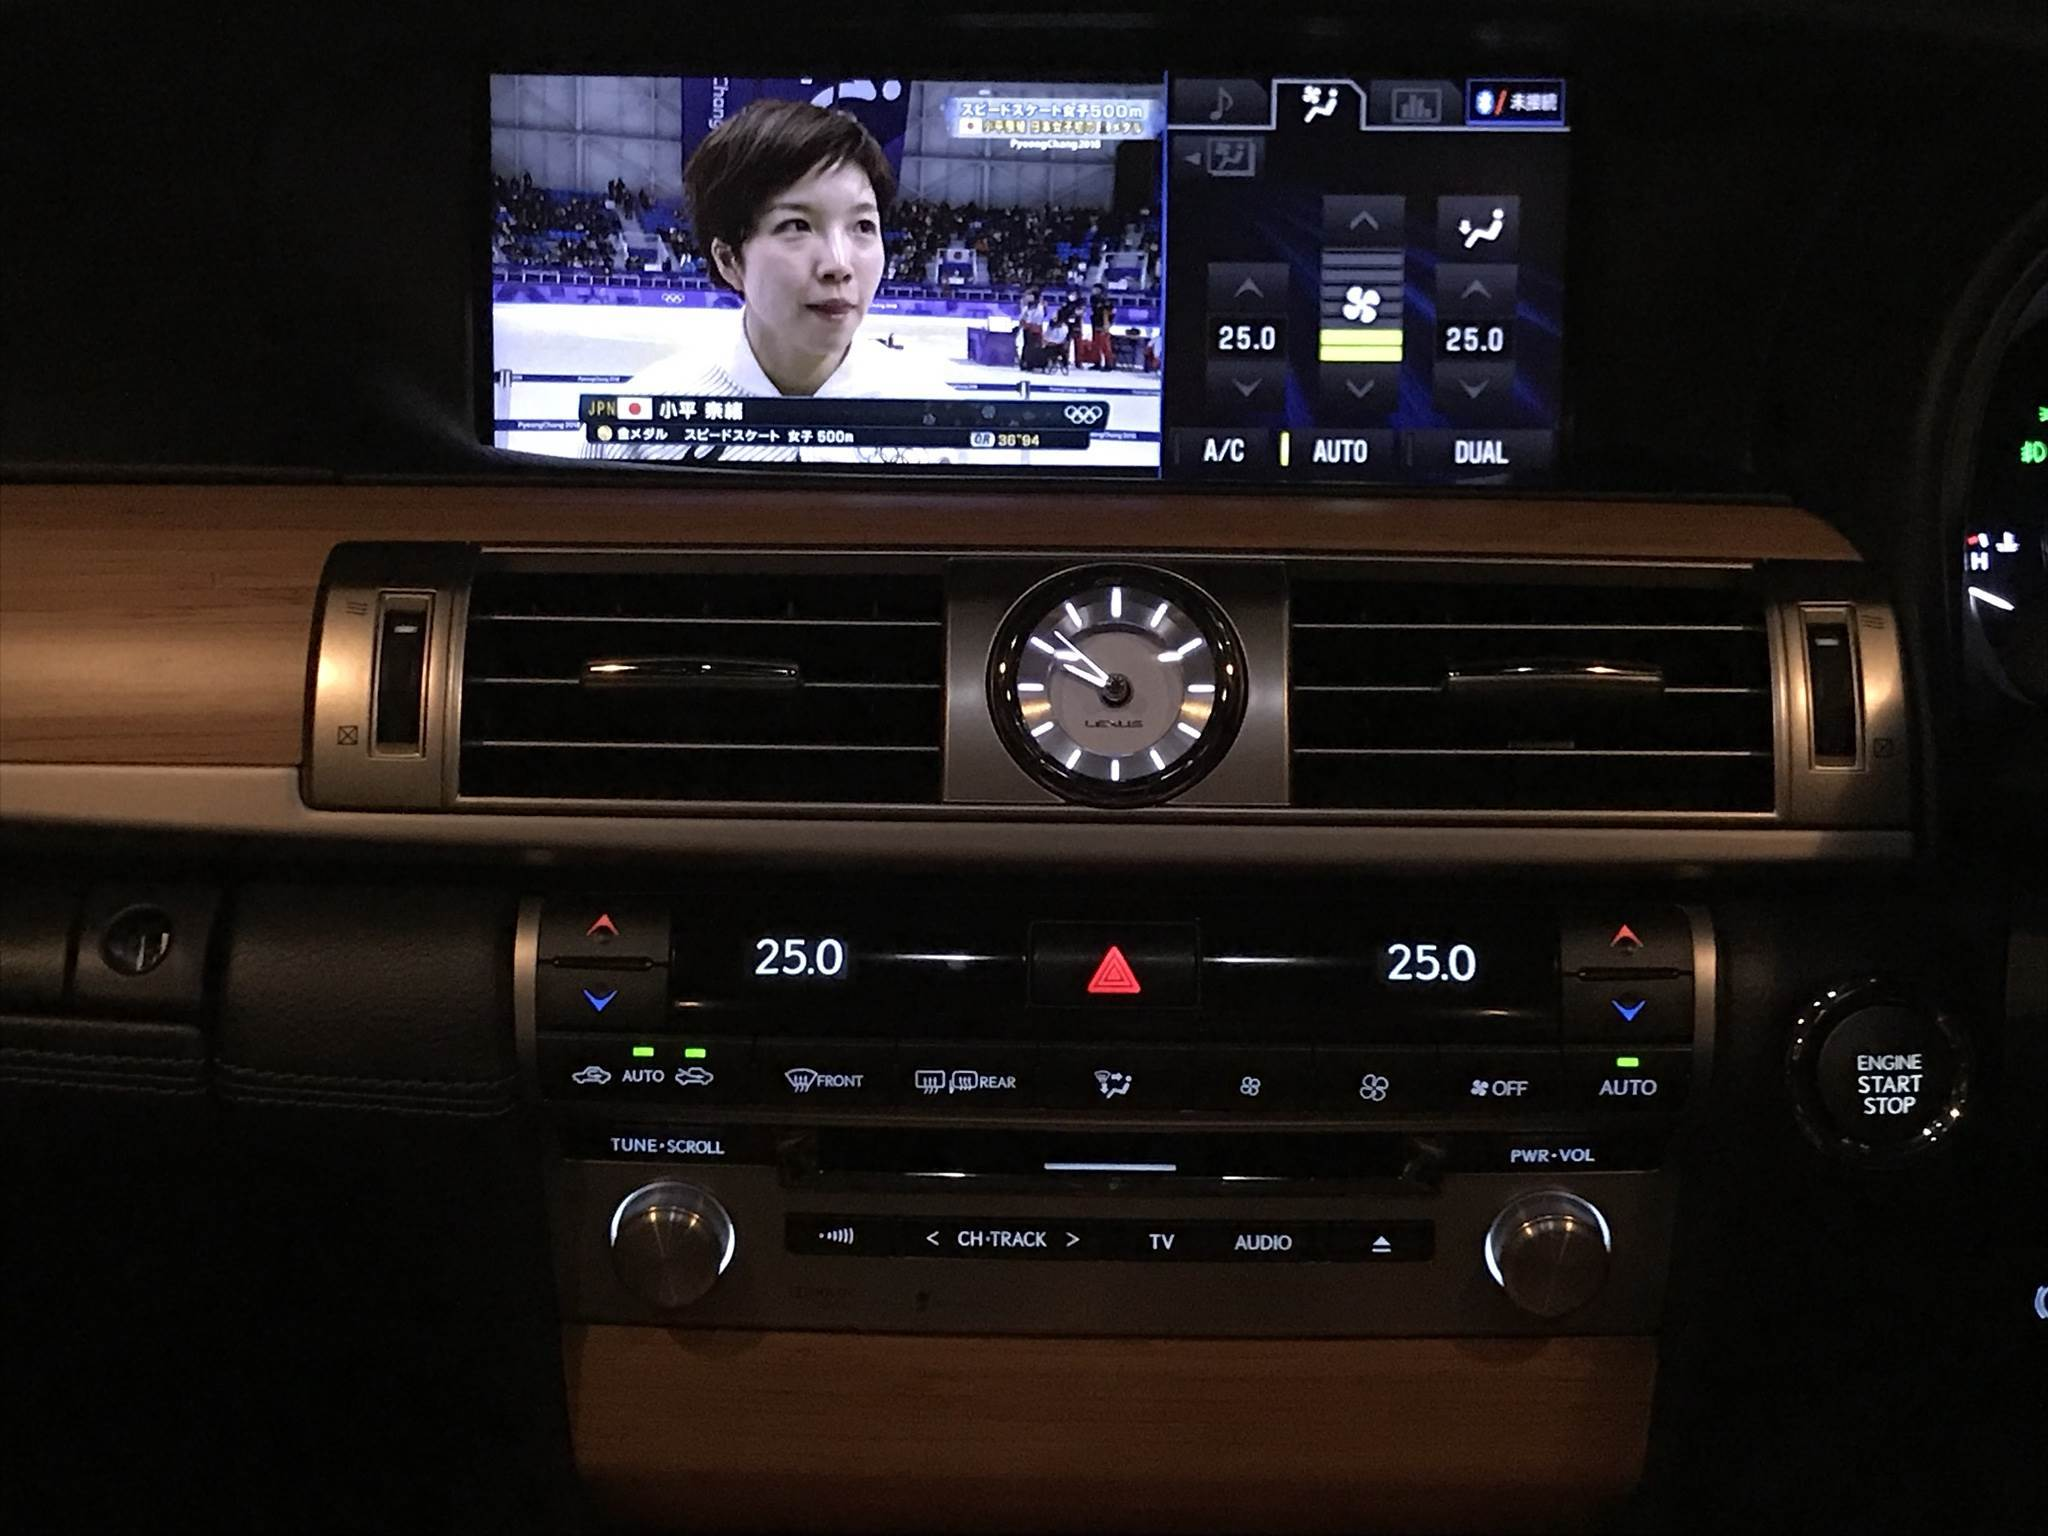 2月26日(月)トミーベース カスタムブログ☆新型QX802台入庫確定☆LS460後期AWD LS600hLエグゼクティブPKGもご紹介していきます☆_b0127002_09511190.jpg